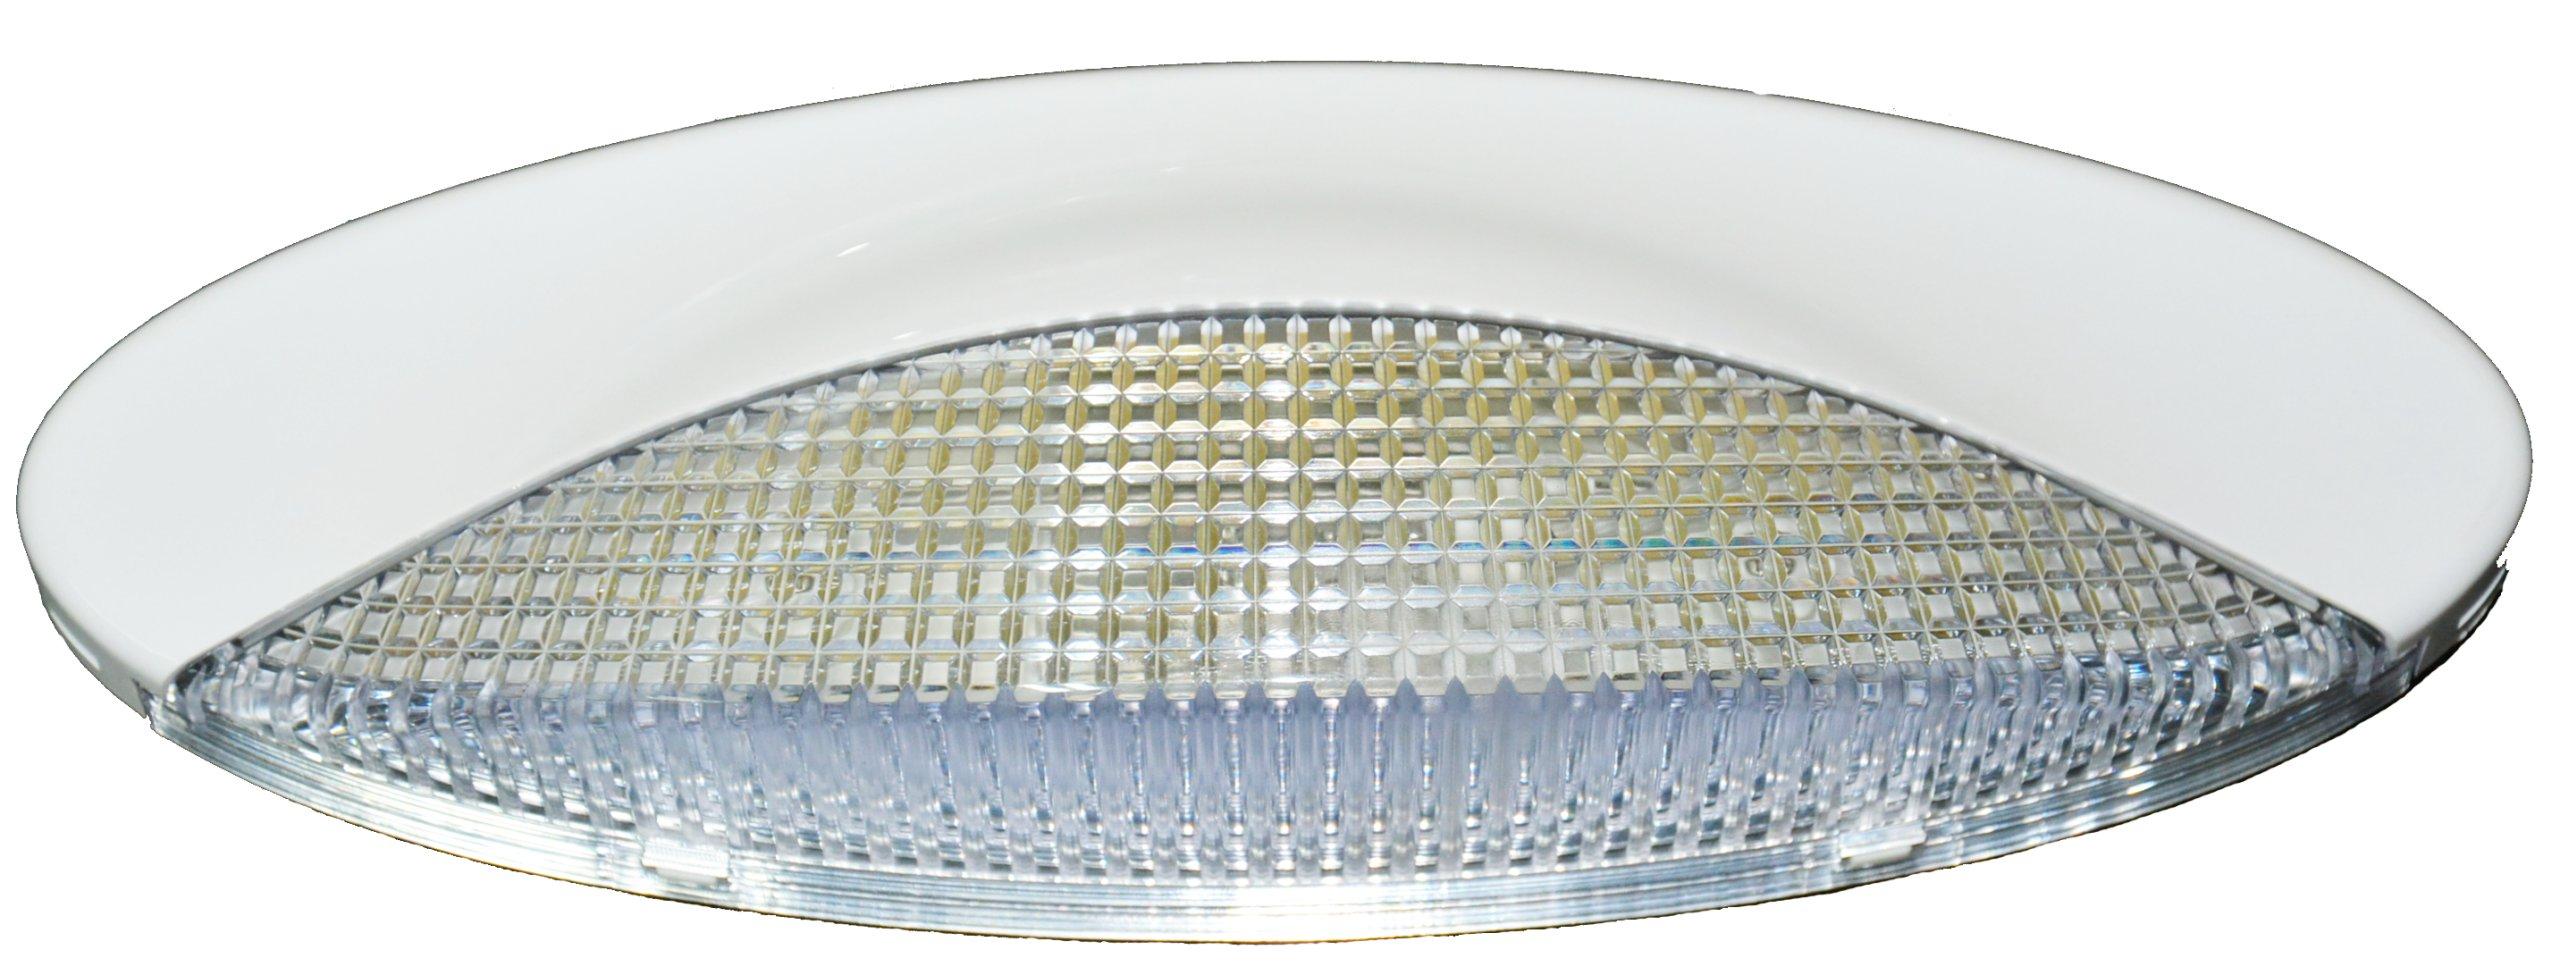 Lampka Oświetlenie Zewnętrzne Przedsionka Wave Led